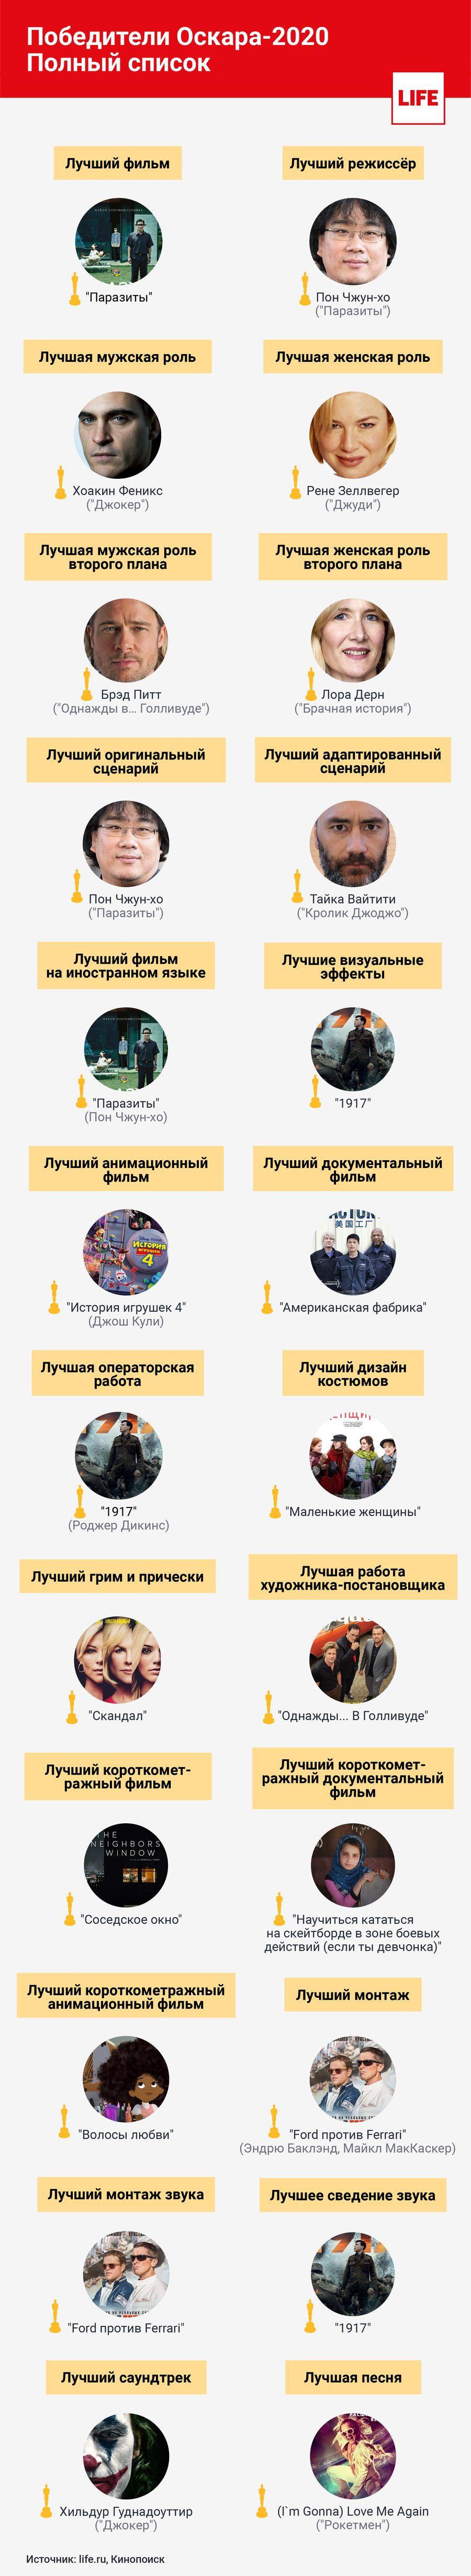 Инфографика © LIFE